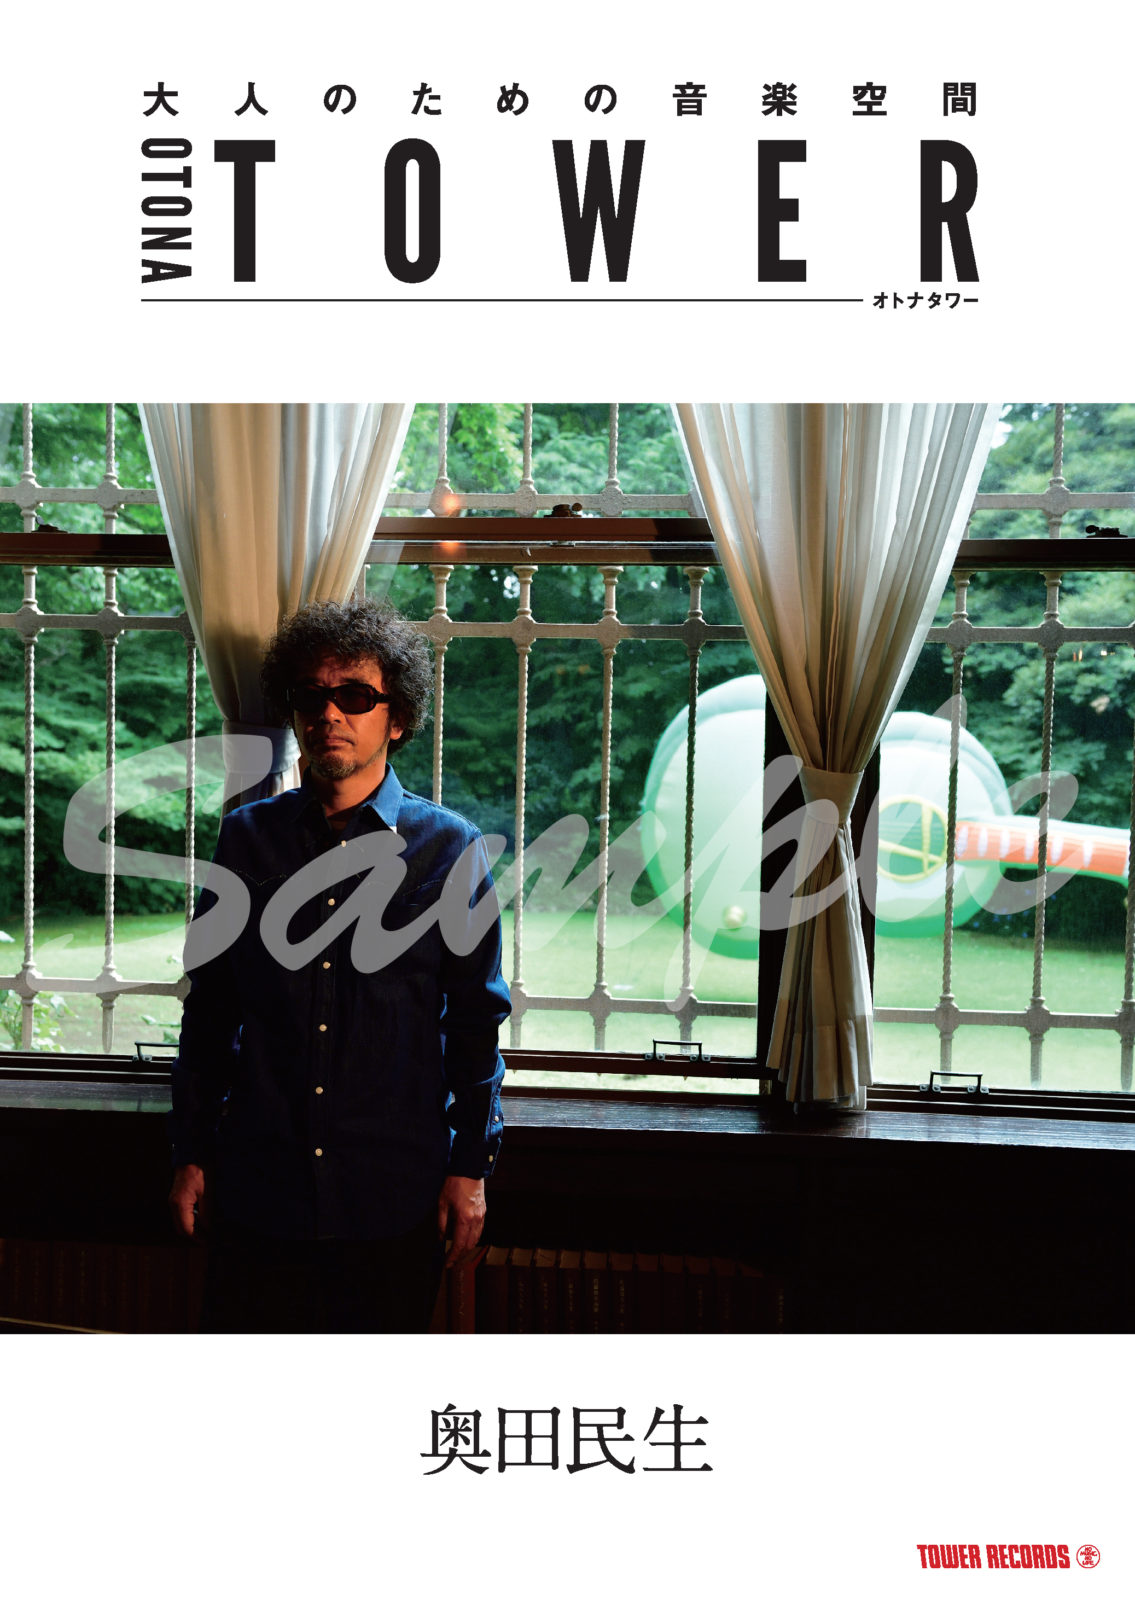 奥田民生、タワーレコードが展開する「オトナタワー」の9月アーティストに決定サムネイル画像